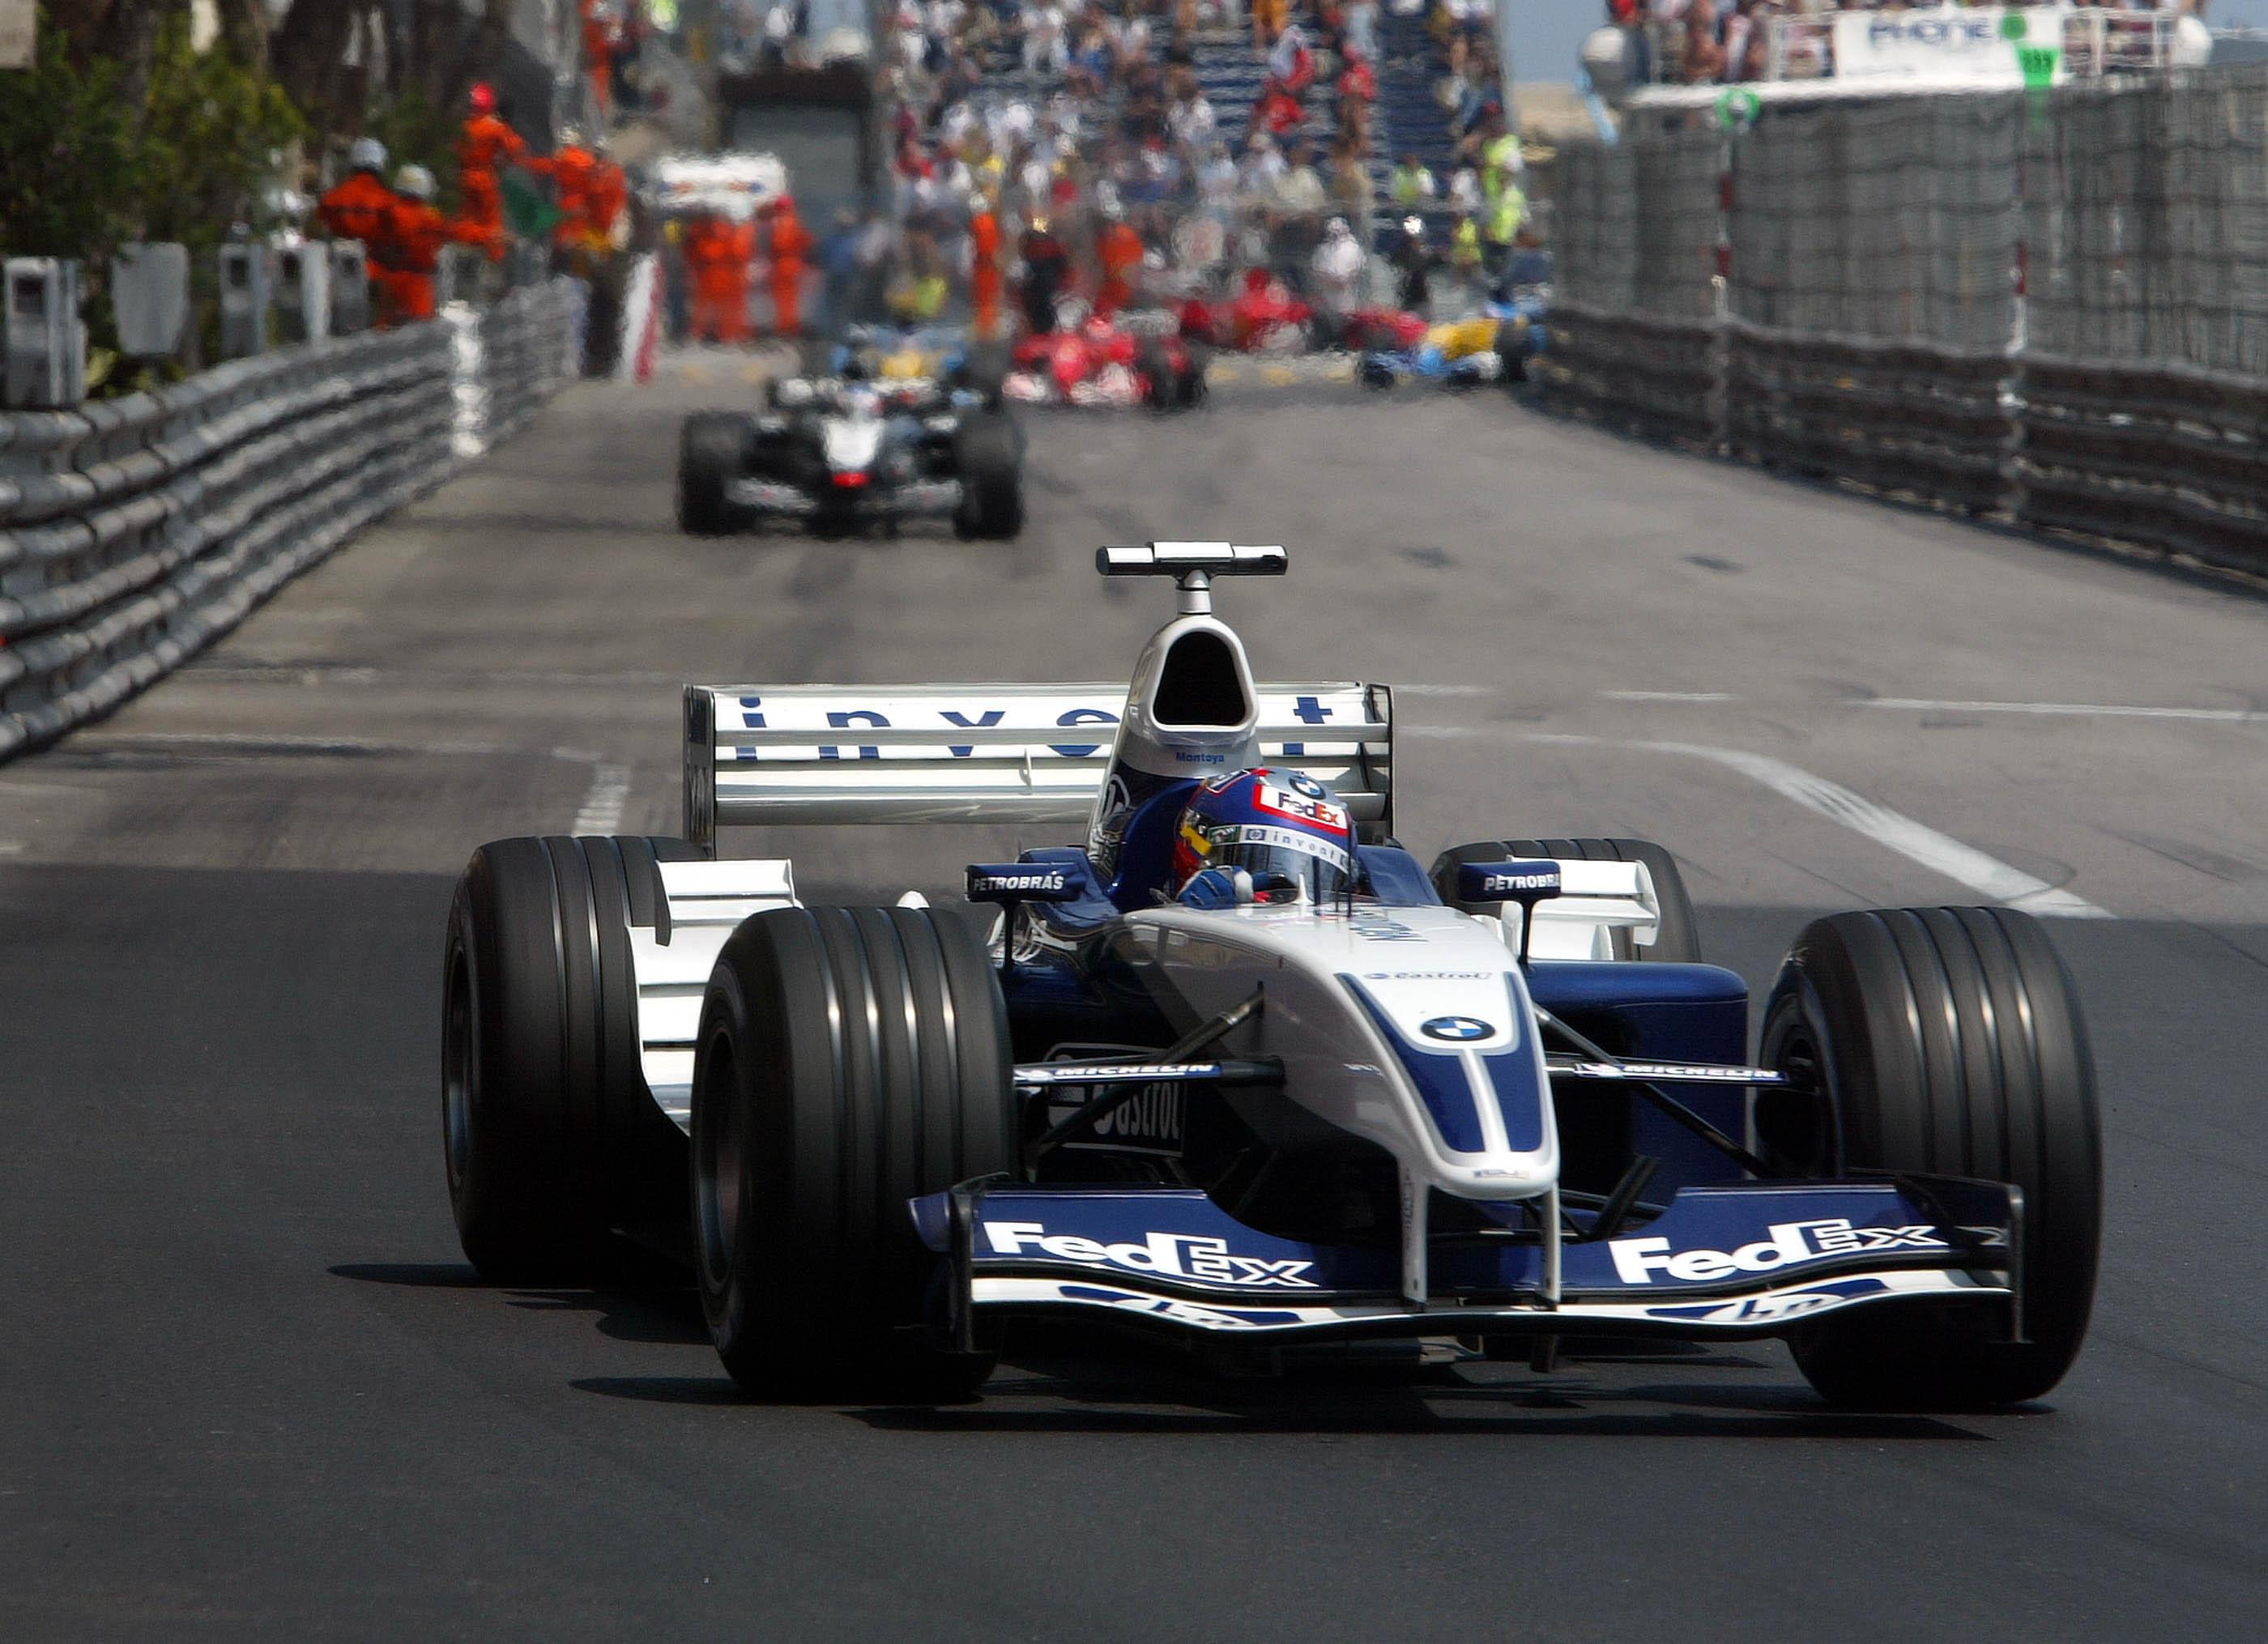 Juan Pablo Montoya Williams Monaco Grand Prix 2003